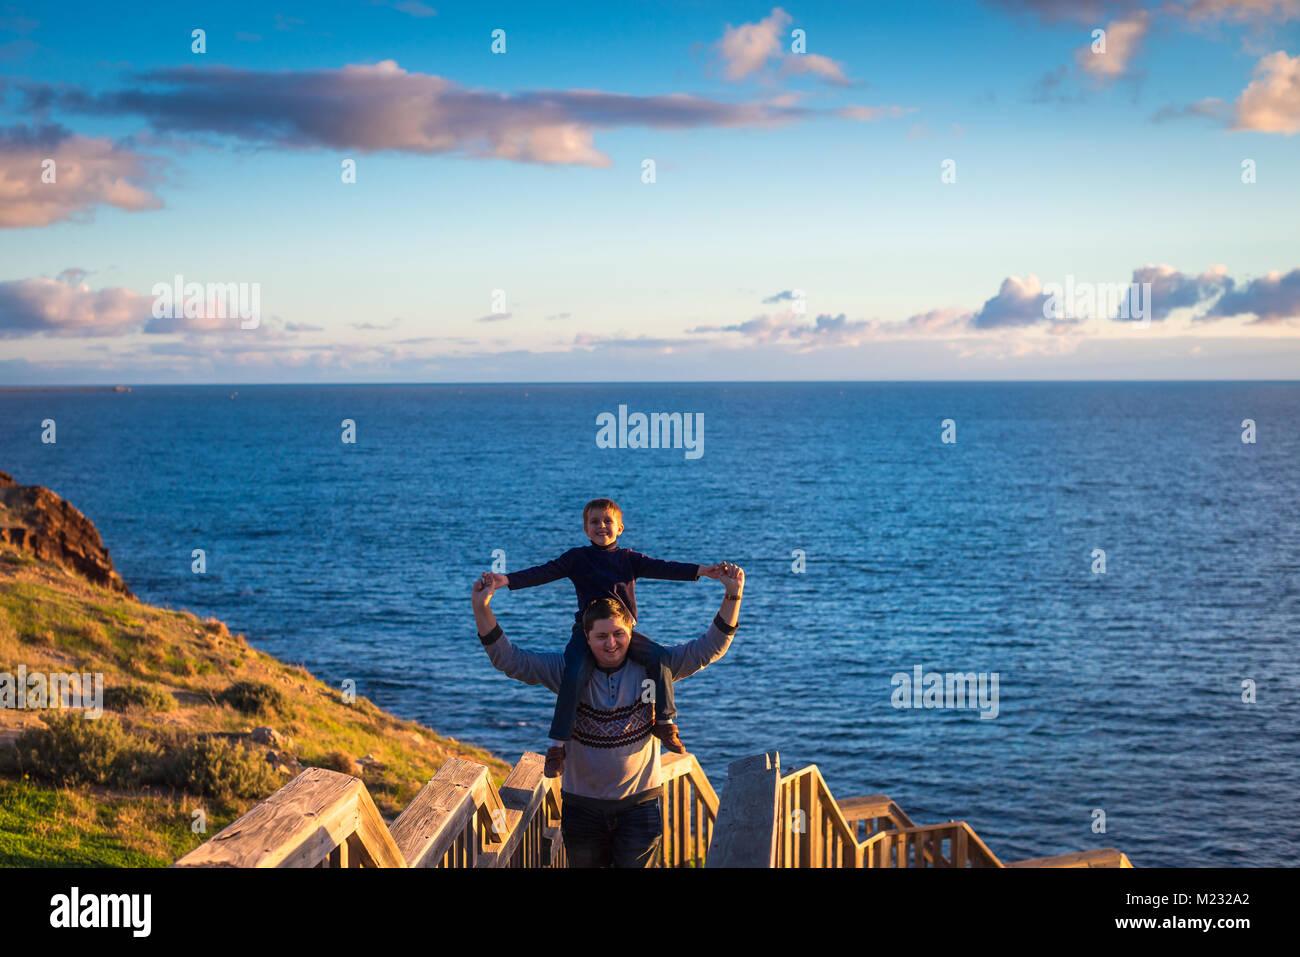 Vater seinen Sohn piggyback Ride an Hallett Cove boarwalk und genießen Sie den Sonnenuntergang, South Australia Stockbild